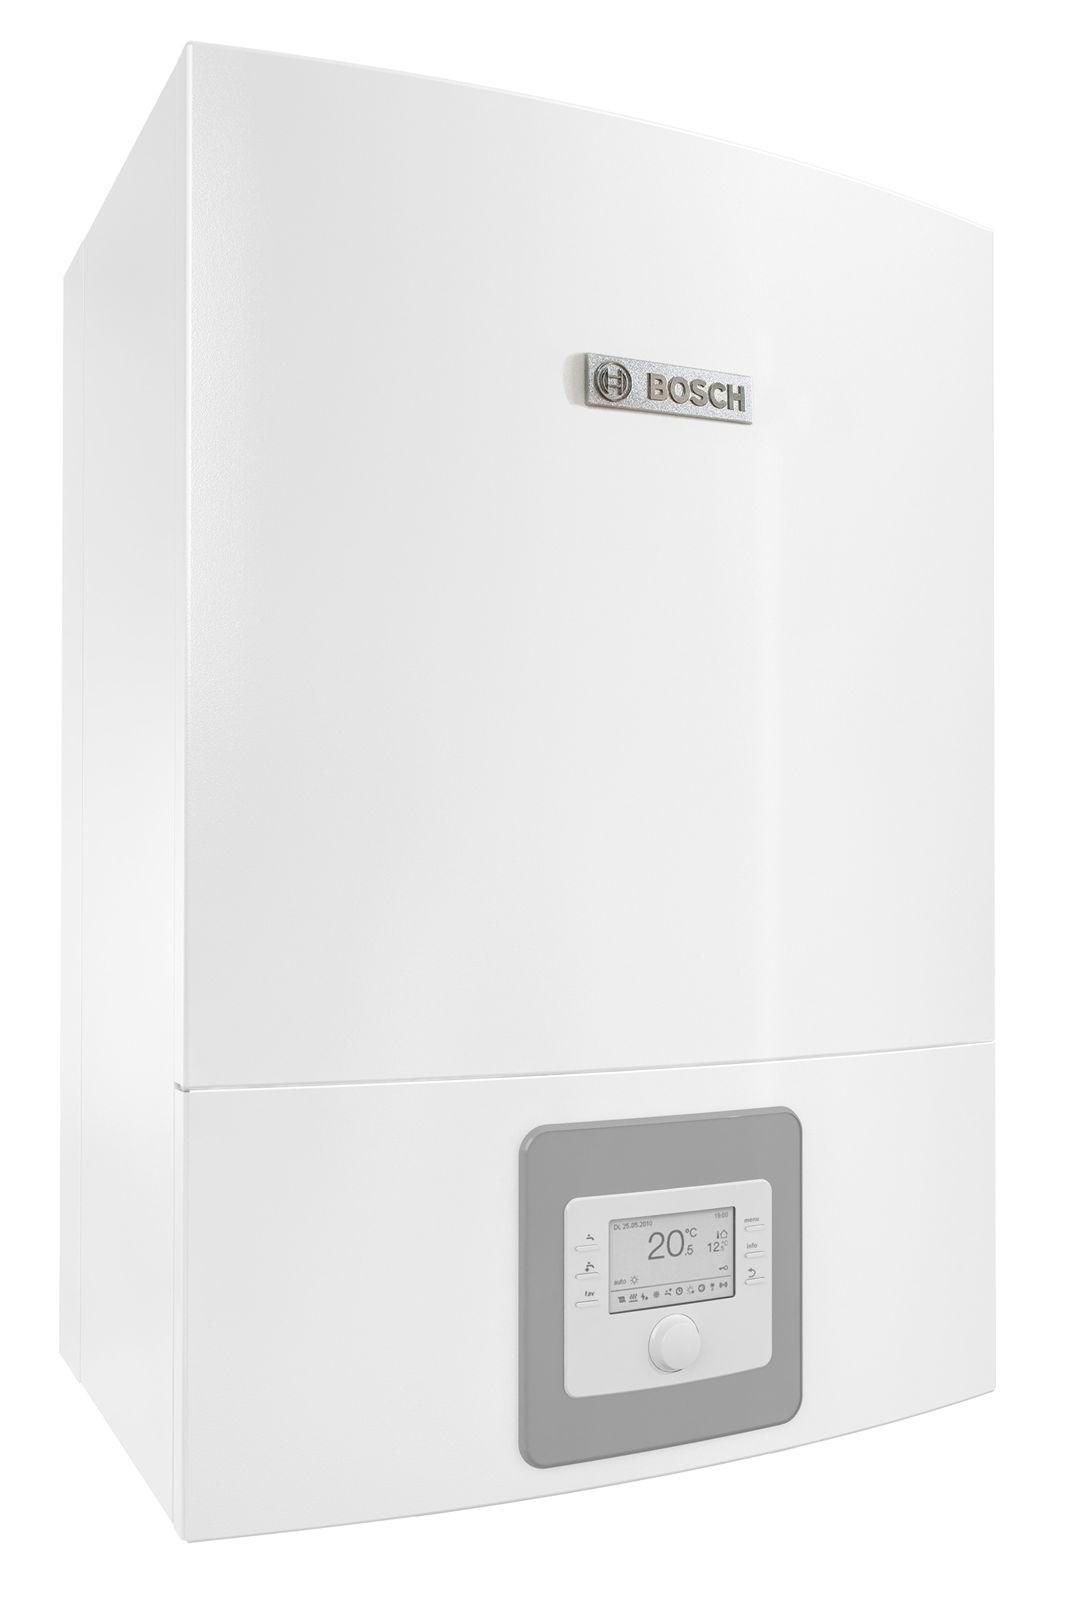 pompe chaleur air eau compress 3000 aws relve de chaudire. Black Bedroom Furniture Sets. Home Design Ideas